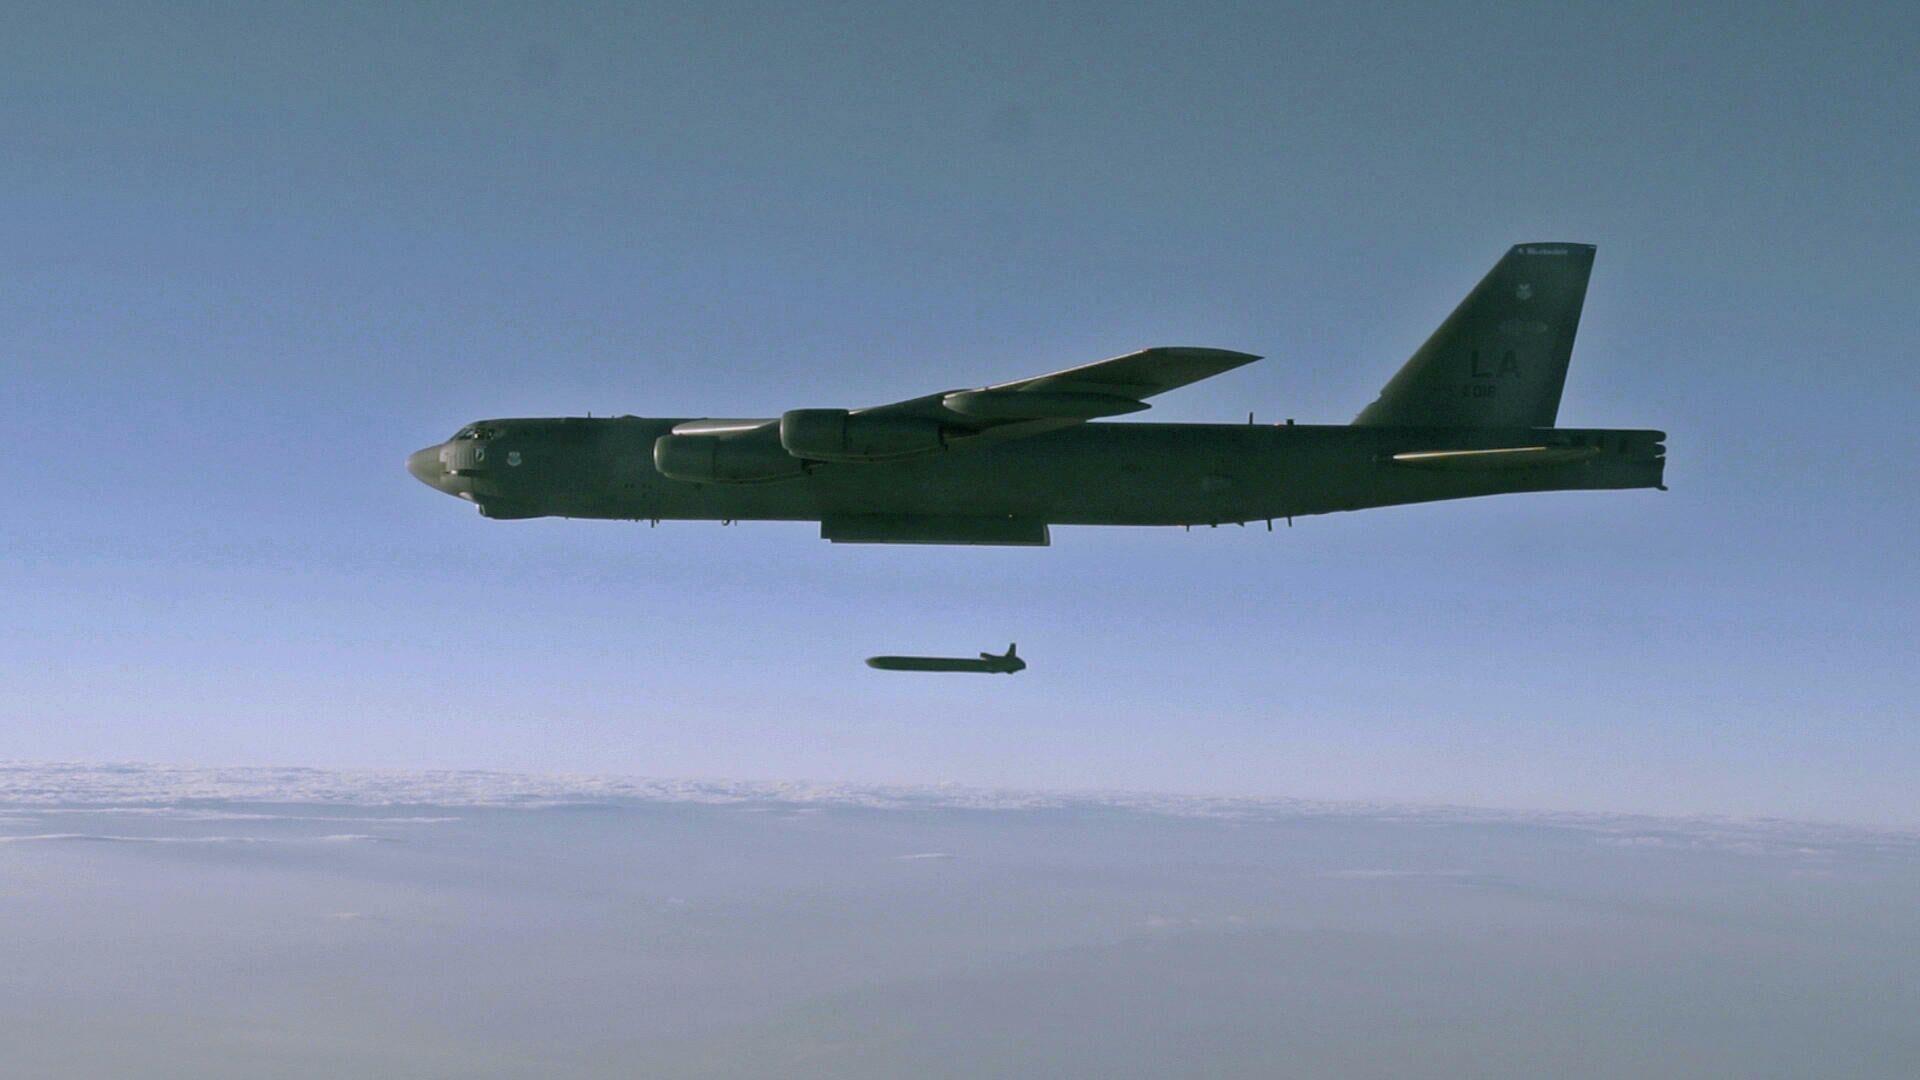 Запуск крылатой ракеты AGM-86B с борта стратегического бомбардировщика B-52H Stratofortress над полигоном для испытаний в штате Юта - РИА Новости, 1920, 10.10.2020